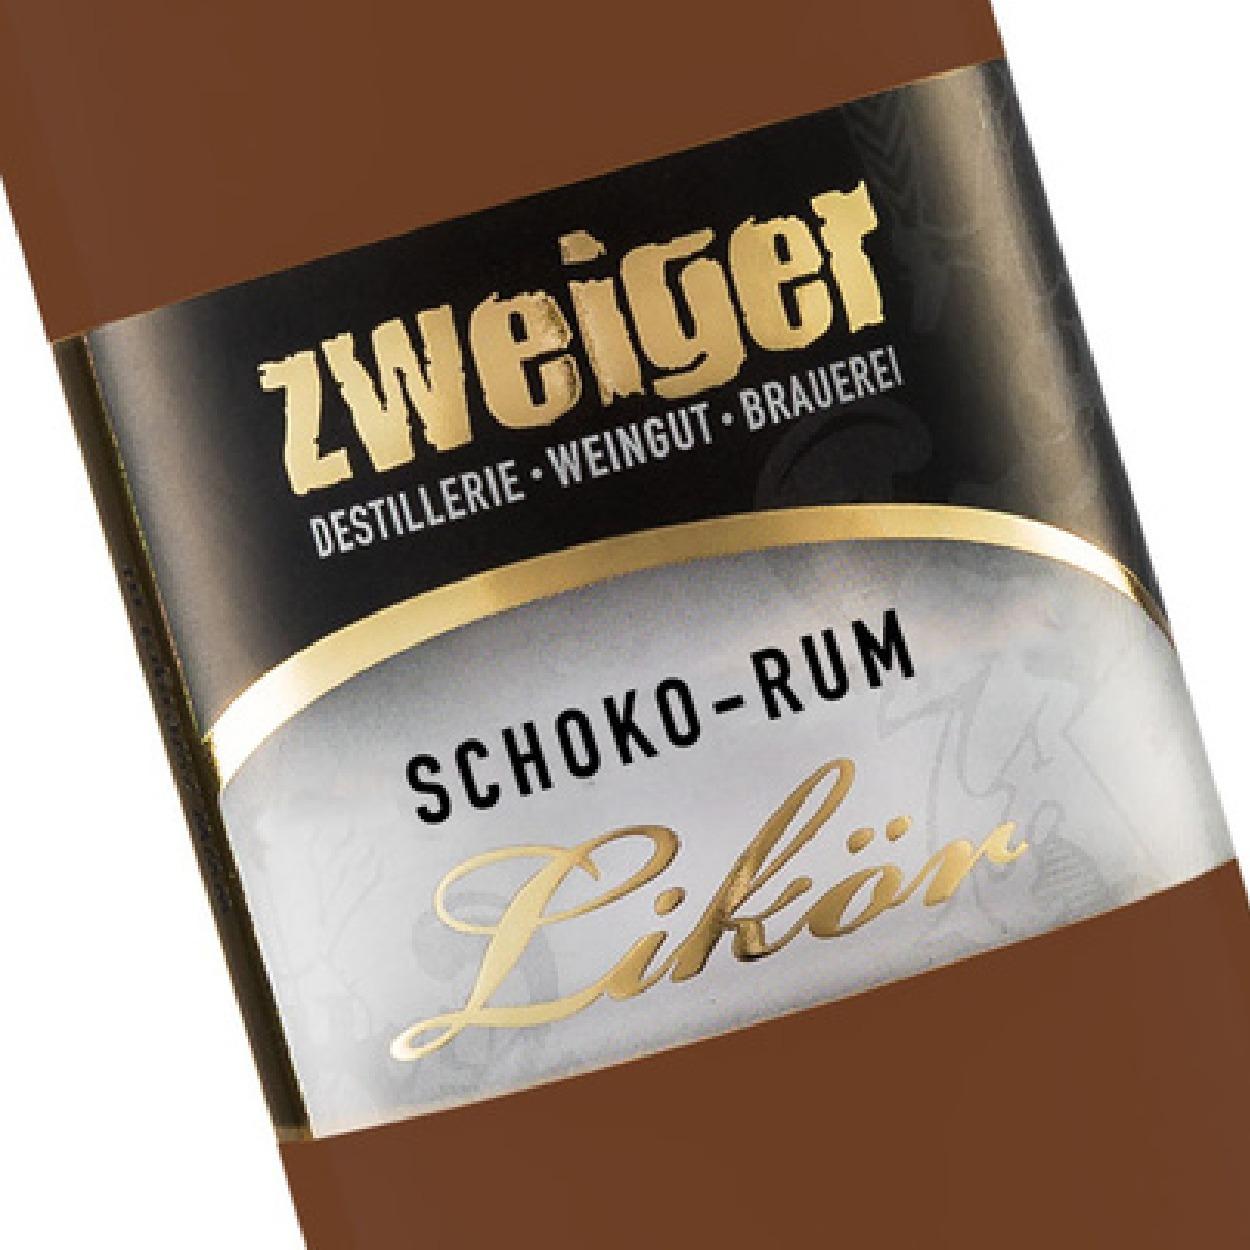 Schoko-Rum Cremelikör Zweiger Destillerie